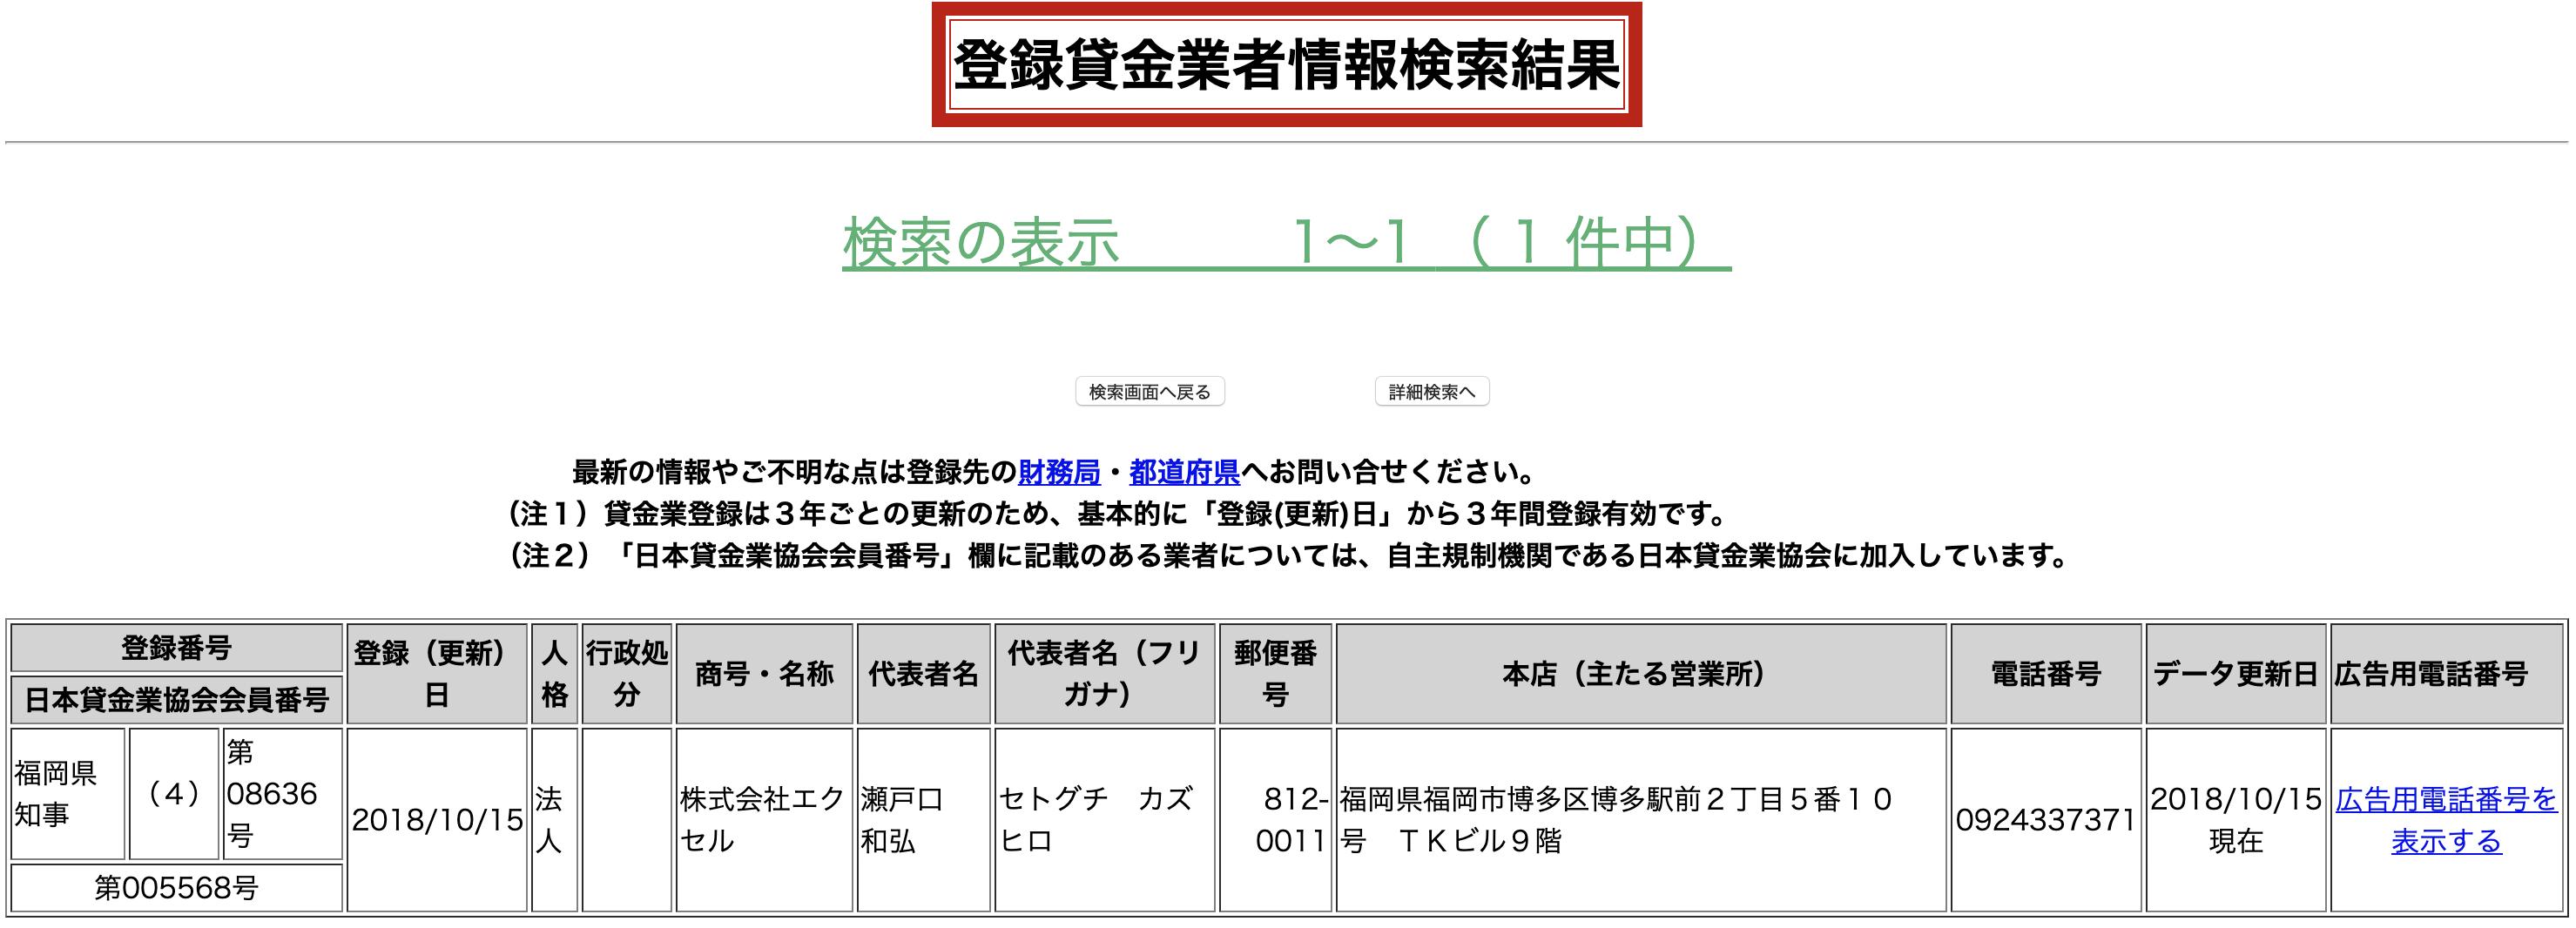 株式会社エクセルの貸金業登録情報